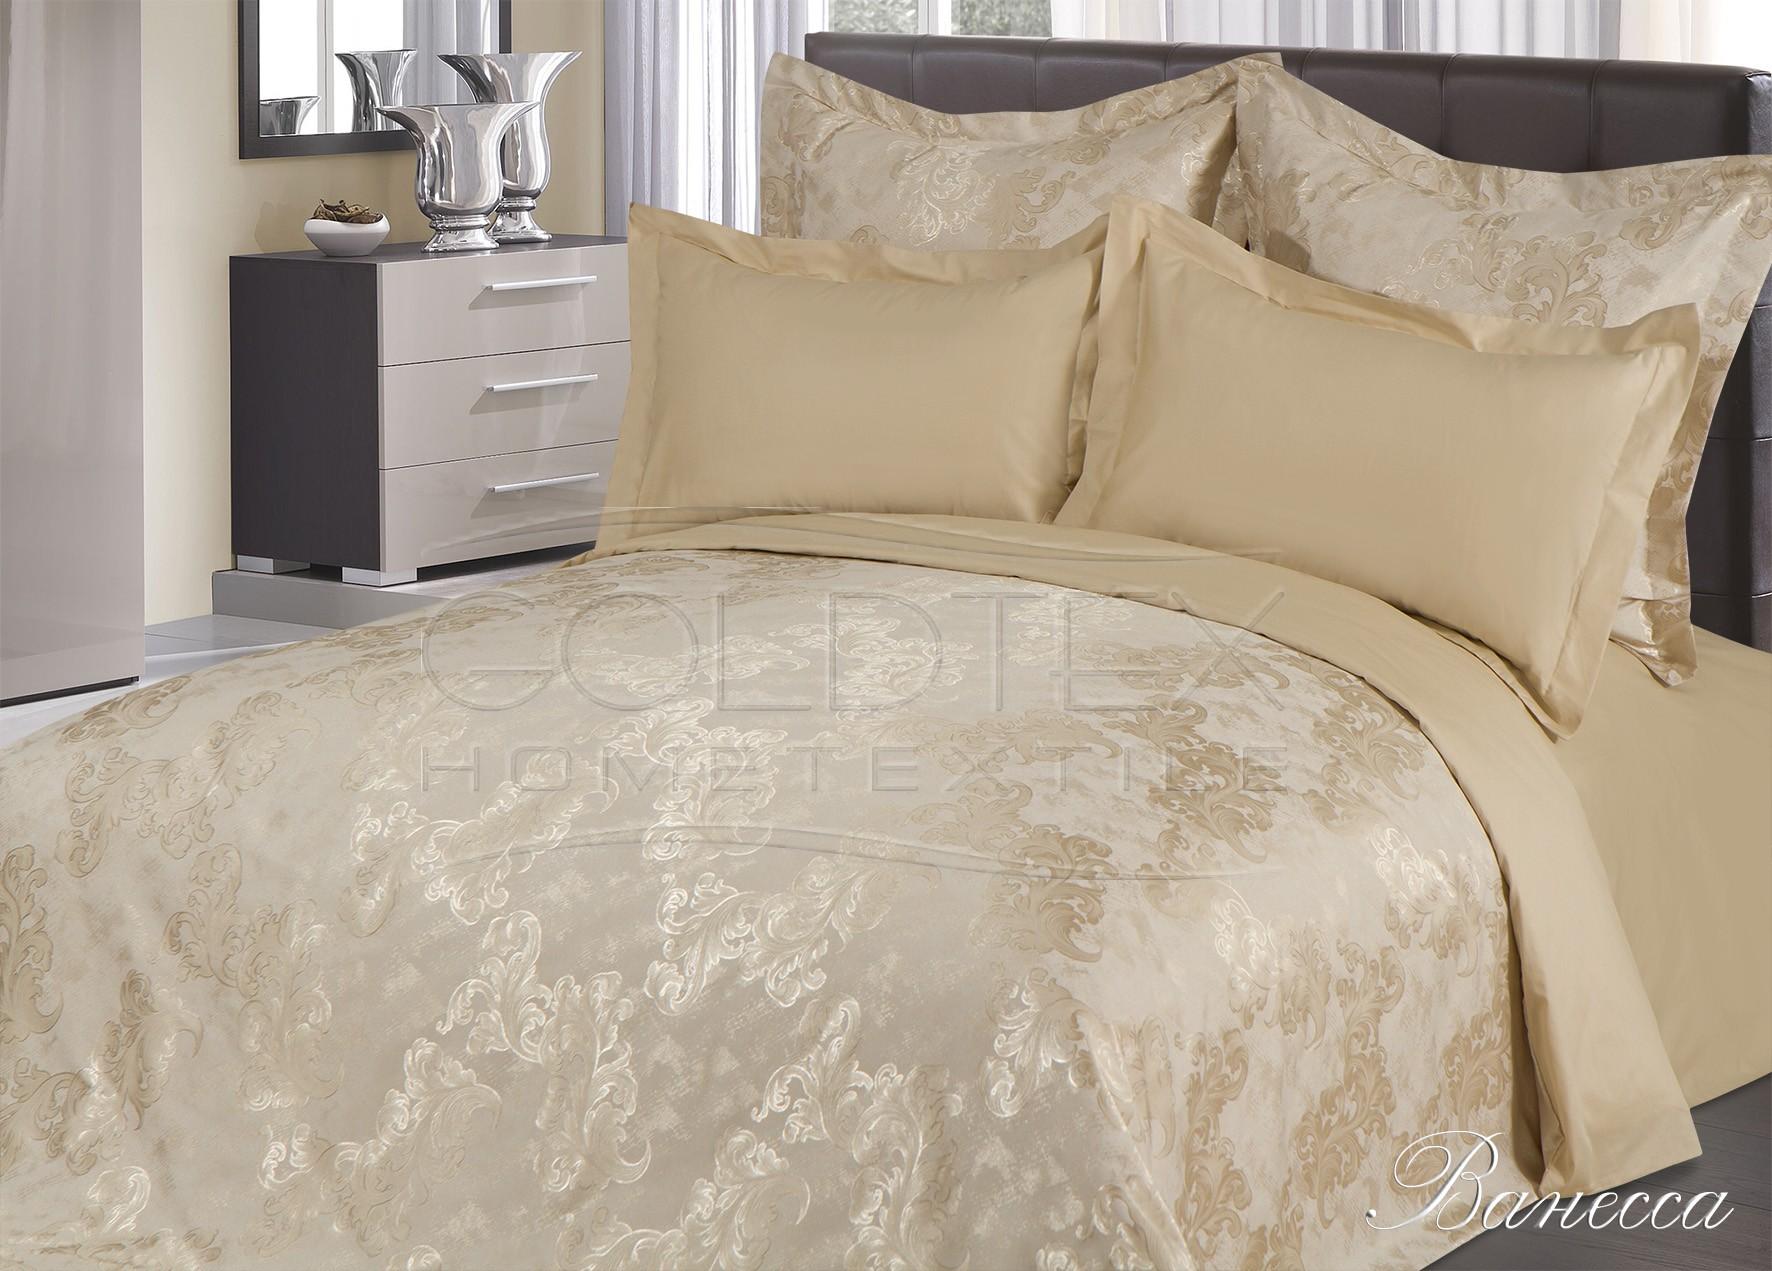 Комплект  Ванесса , размер Семейный с 4 наволочками - Постельное белье артикул: 23045